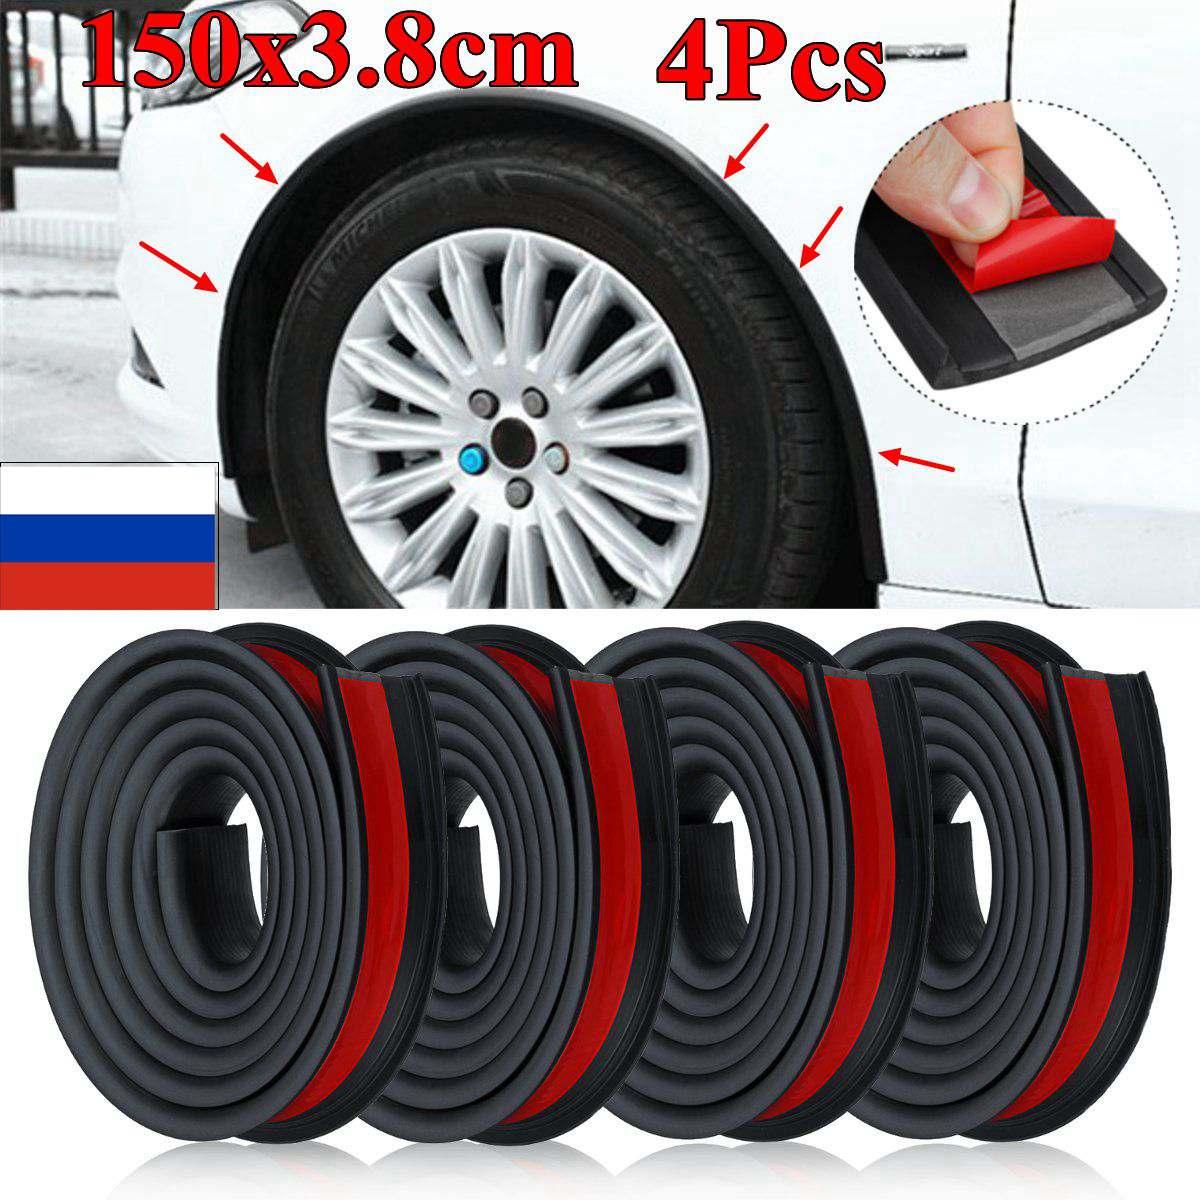 4 pces 1.5 m x 3.8 cm universal borracha da roda do carro arco proteção molduras anti-colisão paralama roda de proteção etiqueta da roda